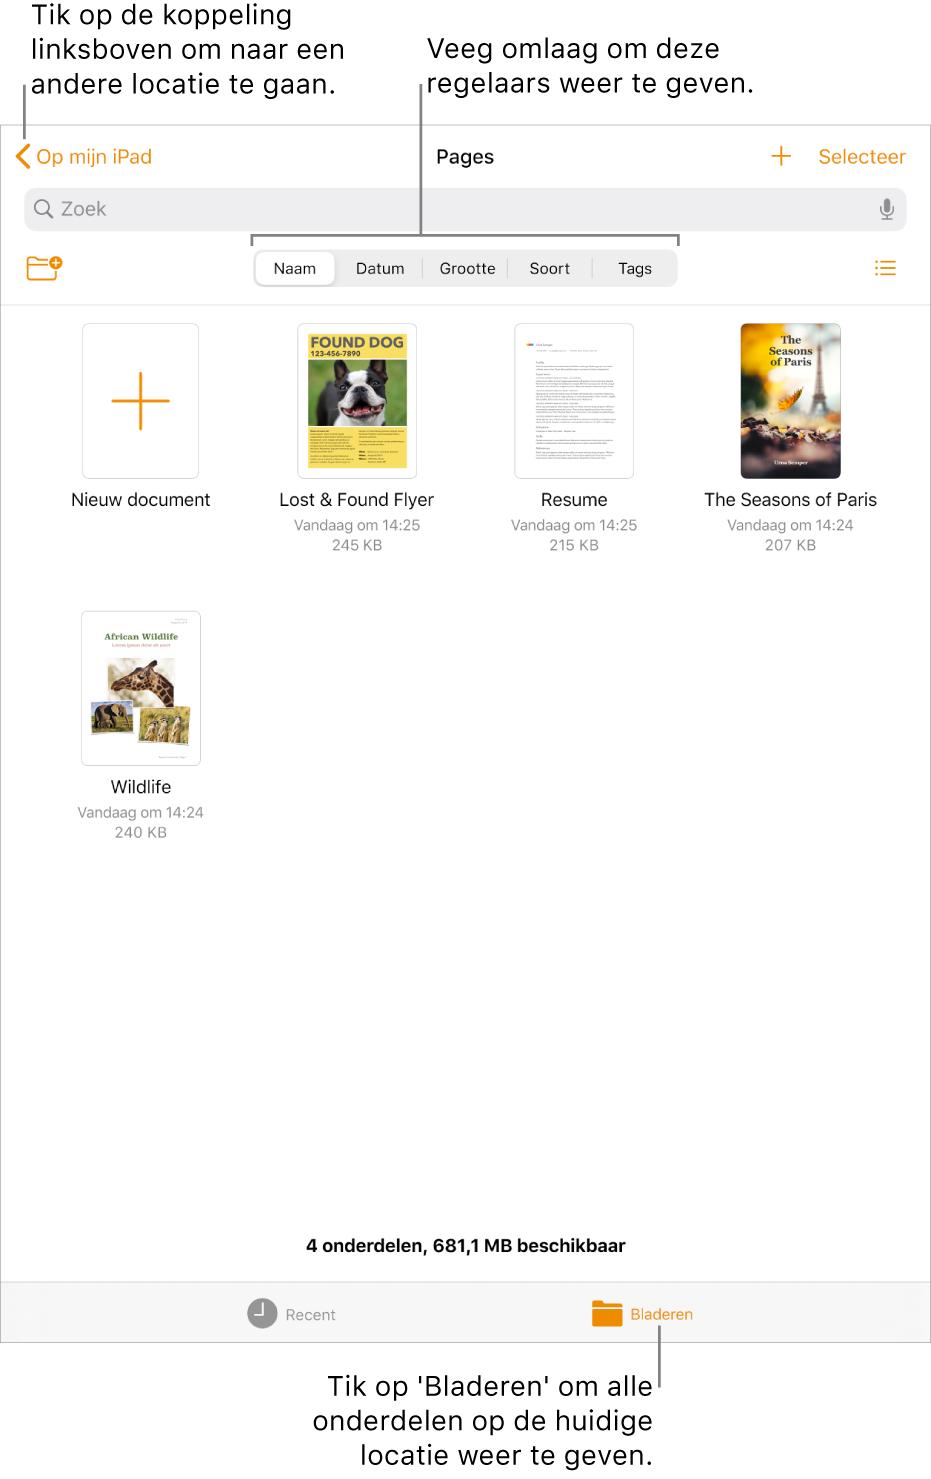 De bladerweergave van de documentweergave met linksboven een koppeling naar een locatie en daaronder een zoekveld. In de rij onder 'Zoek' staan de knoppen voor een nieuwe map, knoppen om te filteren op naam, datum, grootte, soort en tag, en de knop voor de lijst- of symboolweergave. Daaronder staat de knop voor een nieuw document en verder miniaturen van bestaande documenten. Onder in het scherm staan de knoppen 'Recent' en 'Bladeren'.